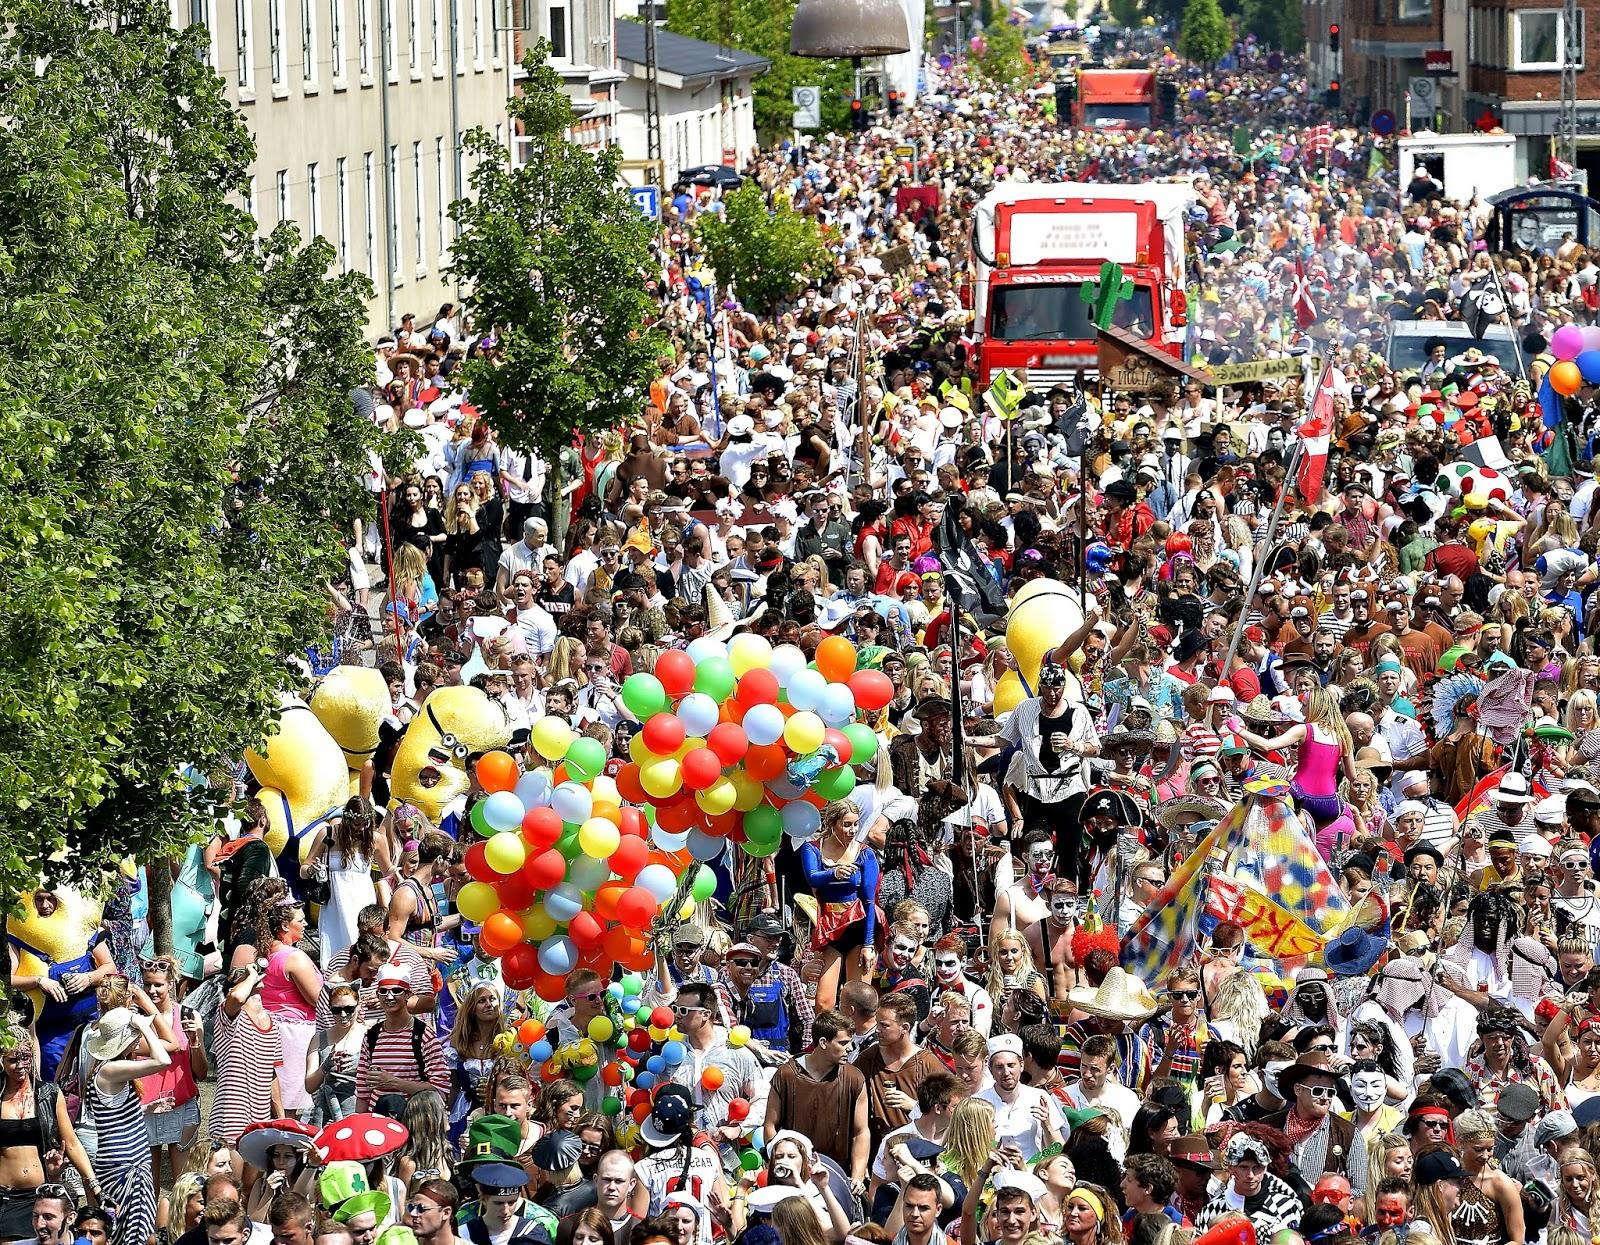 La grande parata di Carnevale nelle strade di Aalborg, in Danimarca